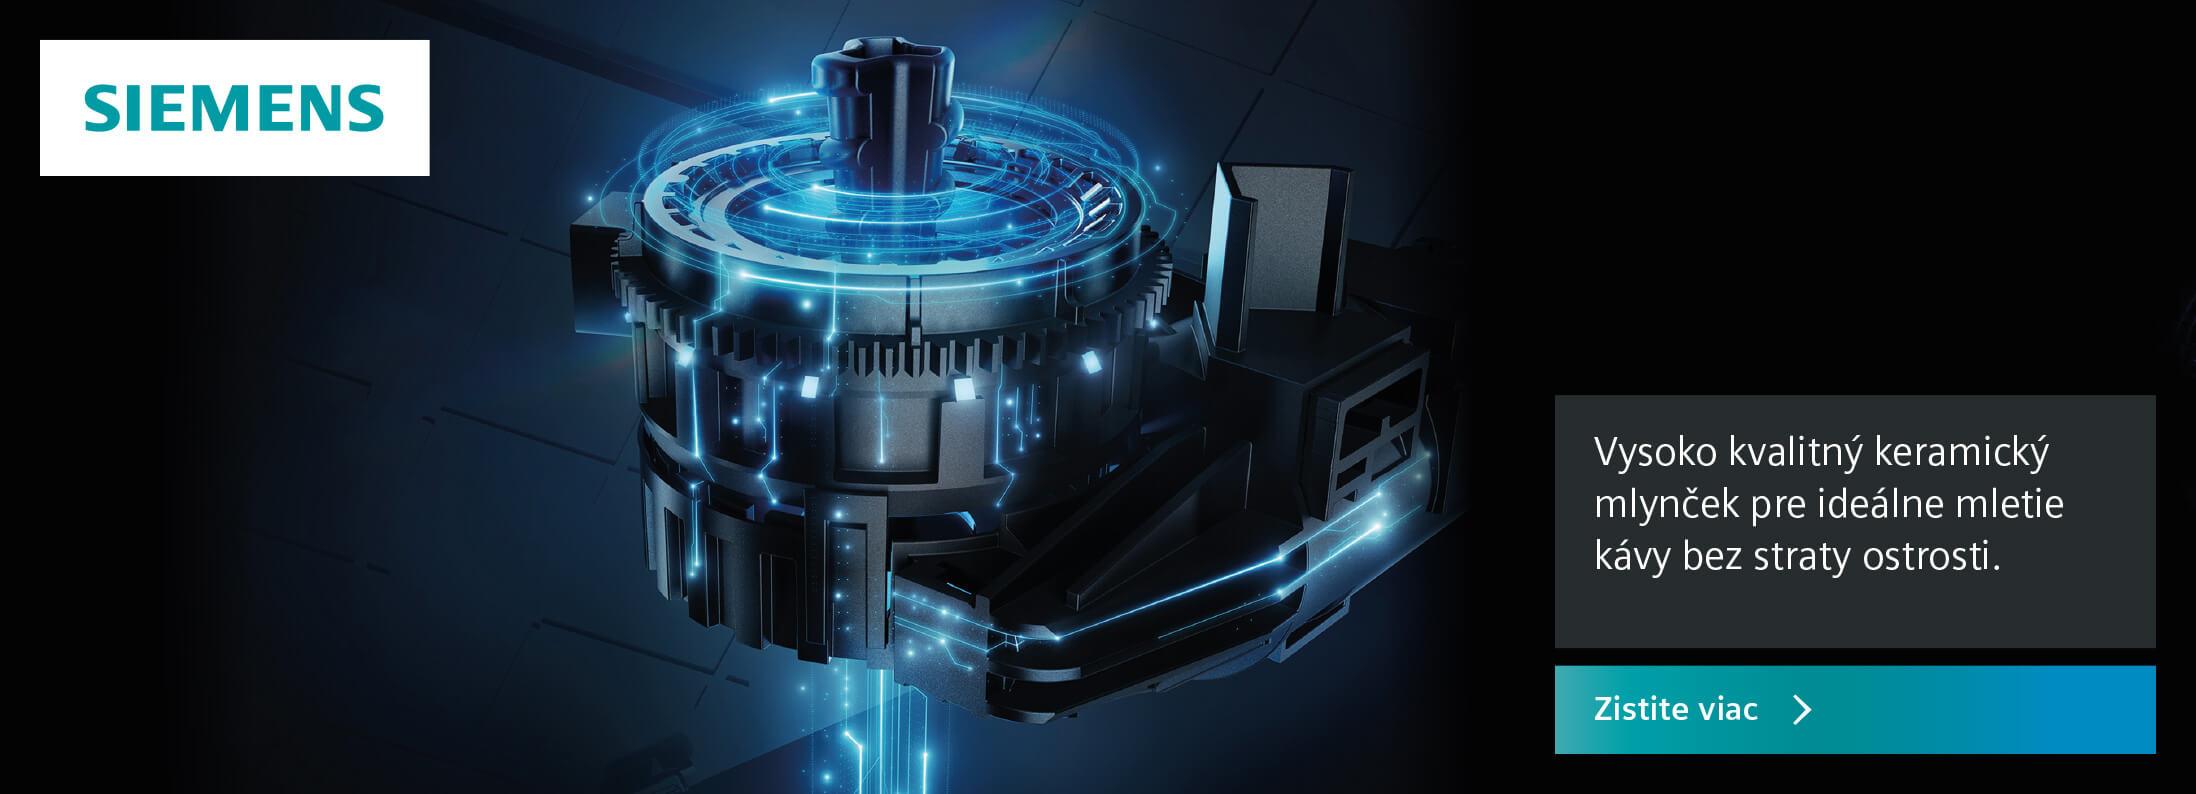 Siemens - Keramický mlynček